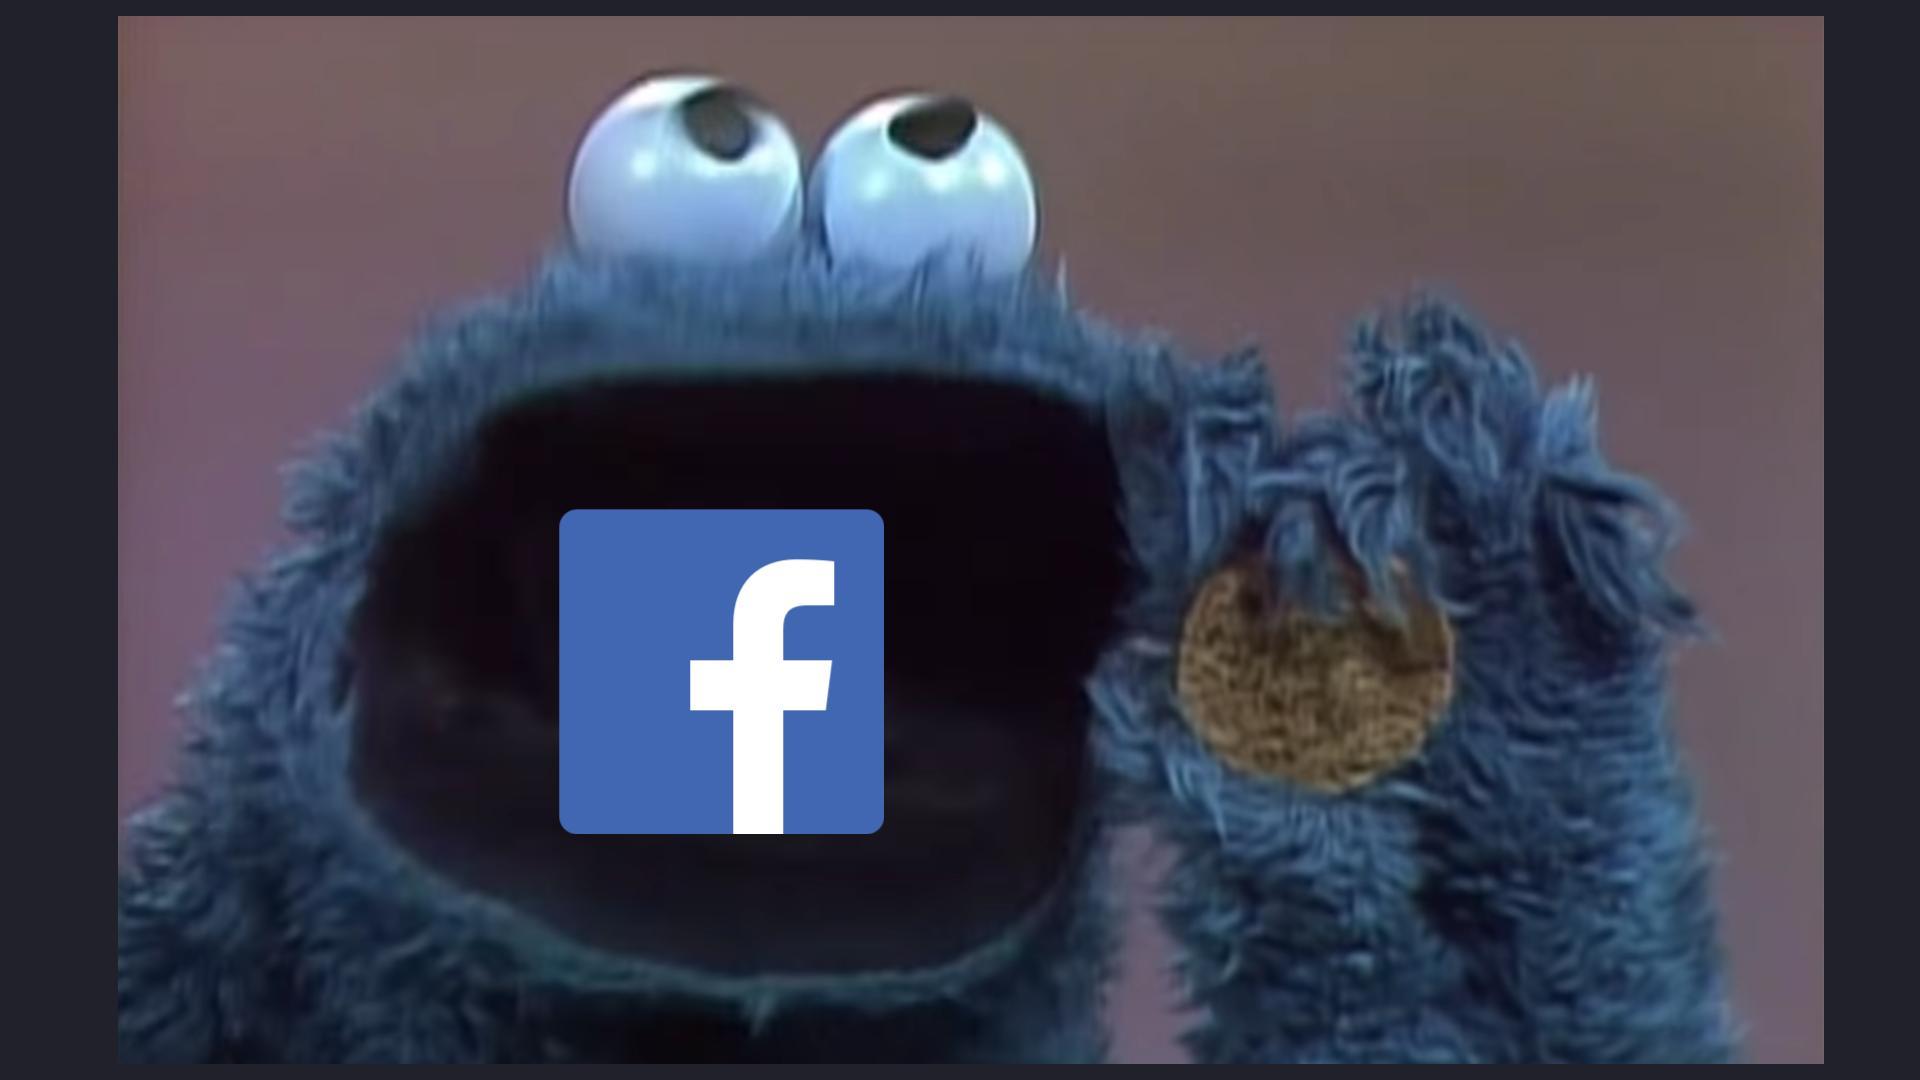 Ce malware vole vos cookies pour mettre la main sur votre compte Facebook